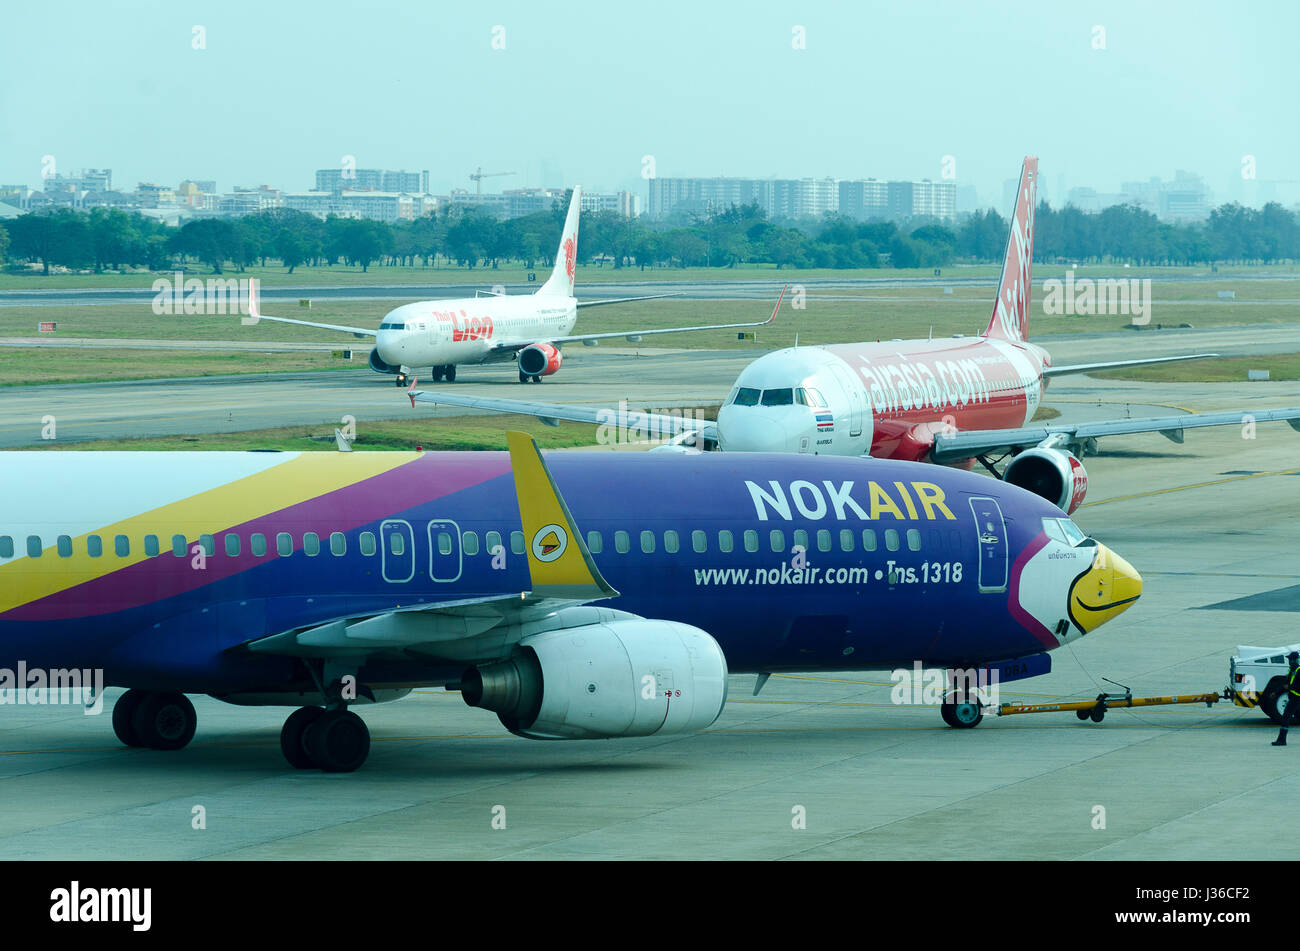 Nok Air Boeing 737, Air Asia Airbus A320 and Thai Lion